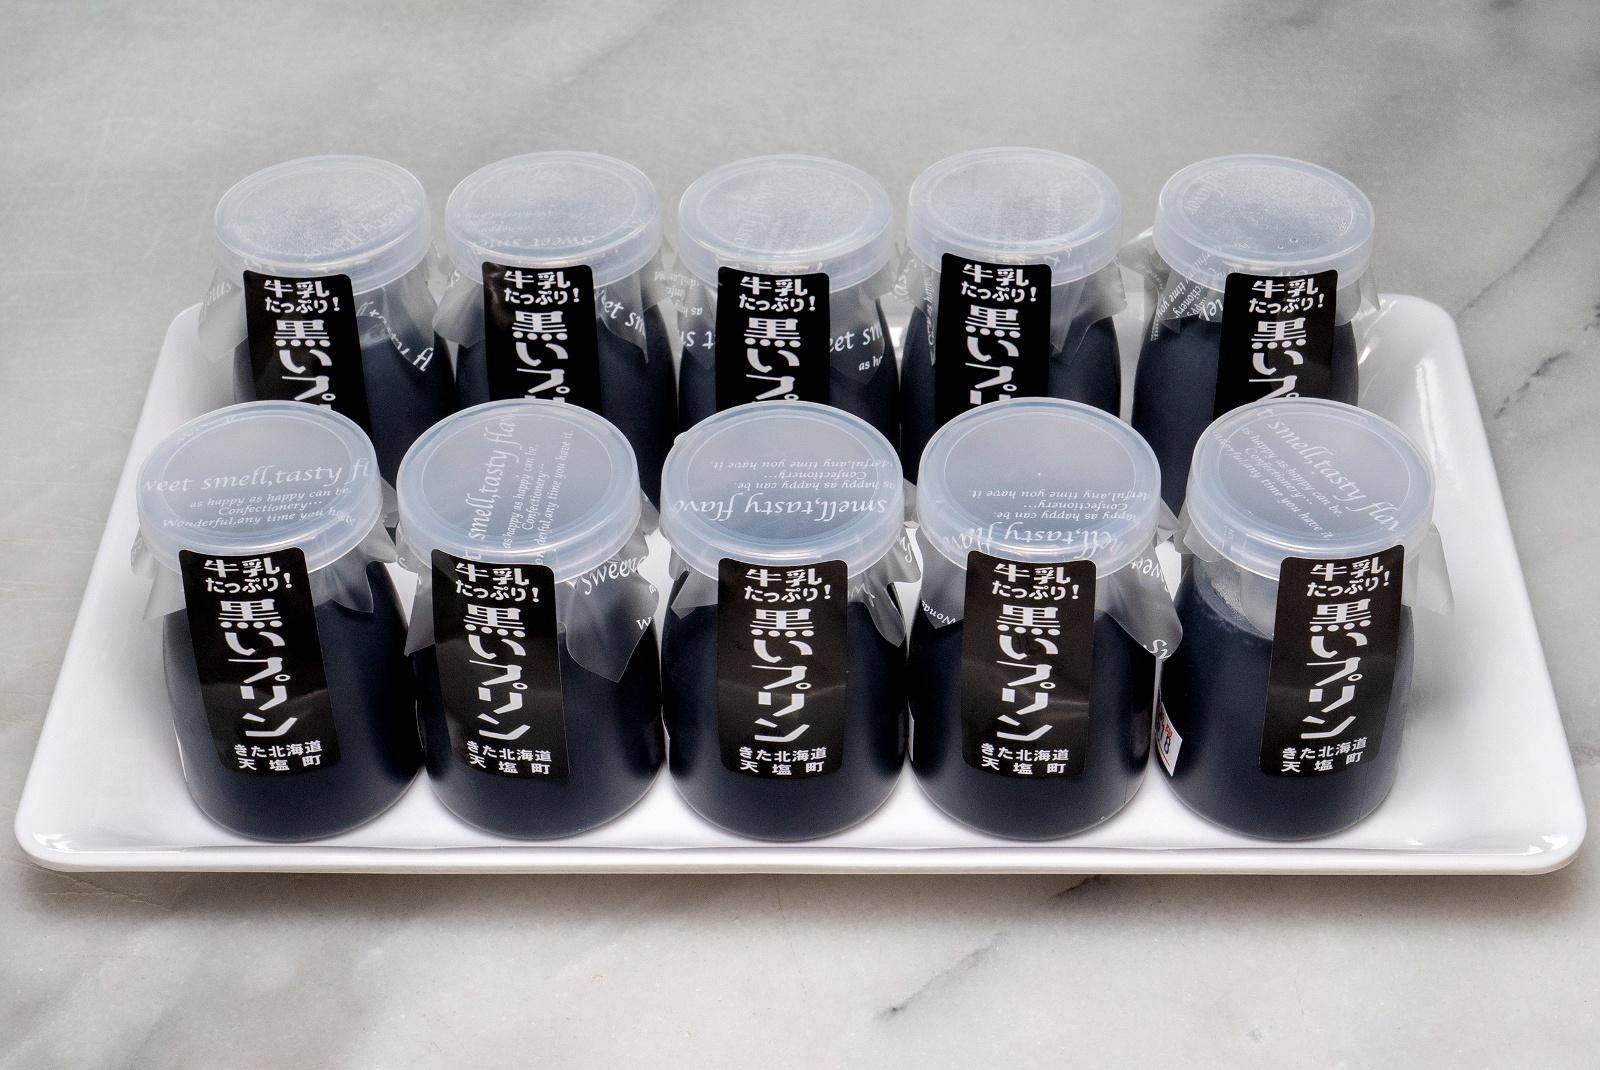 天塩町に真っ黒いプリンがある!いったいどんな味なの?